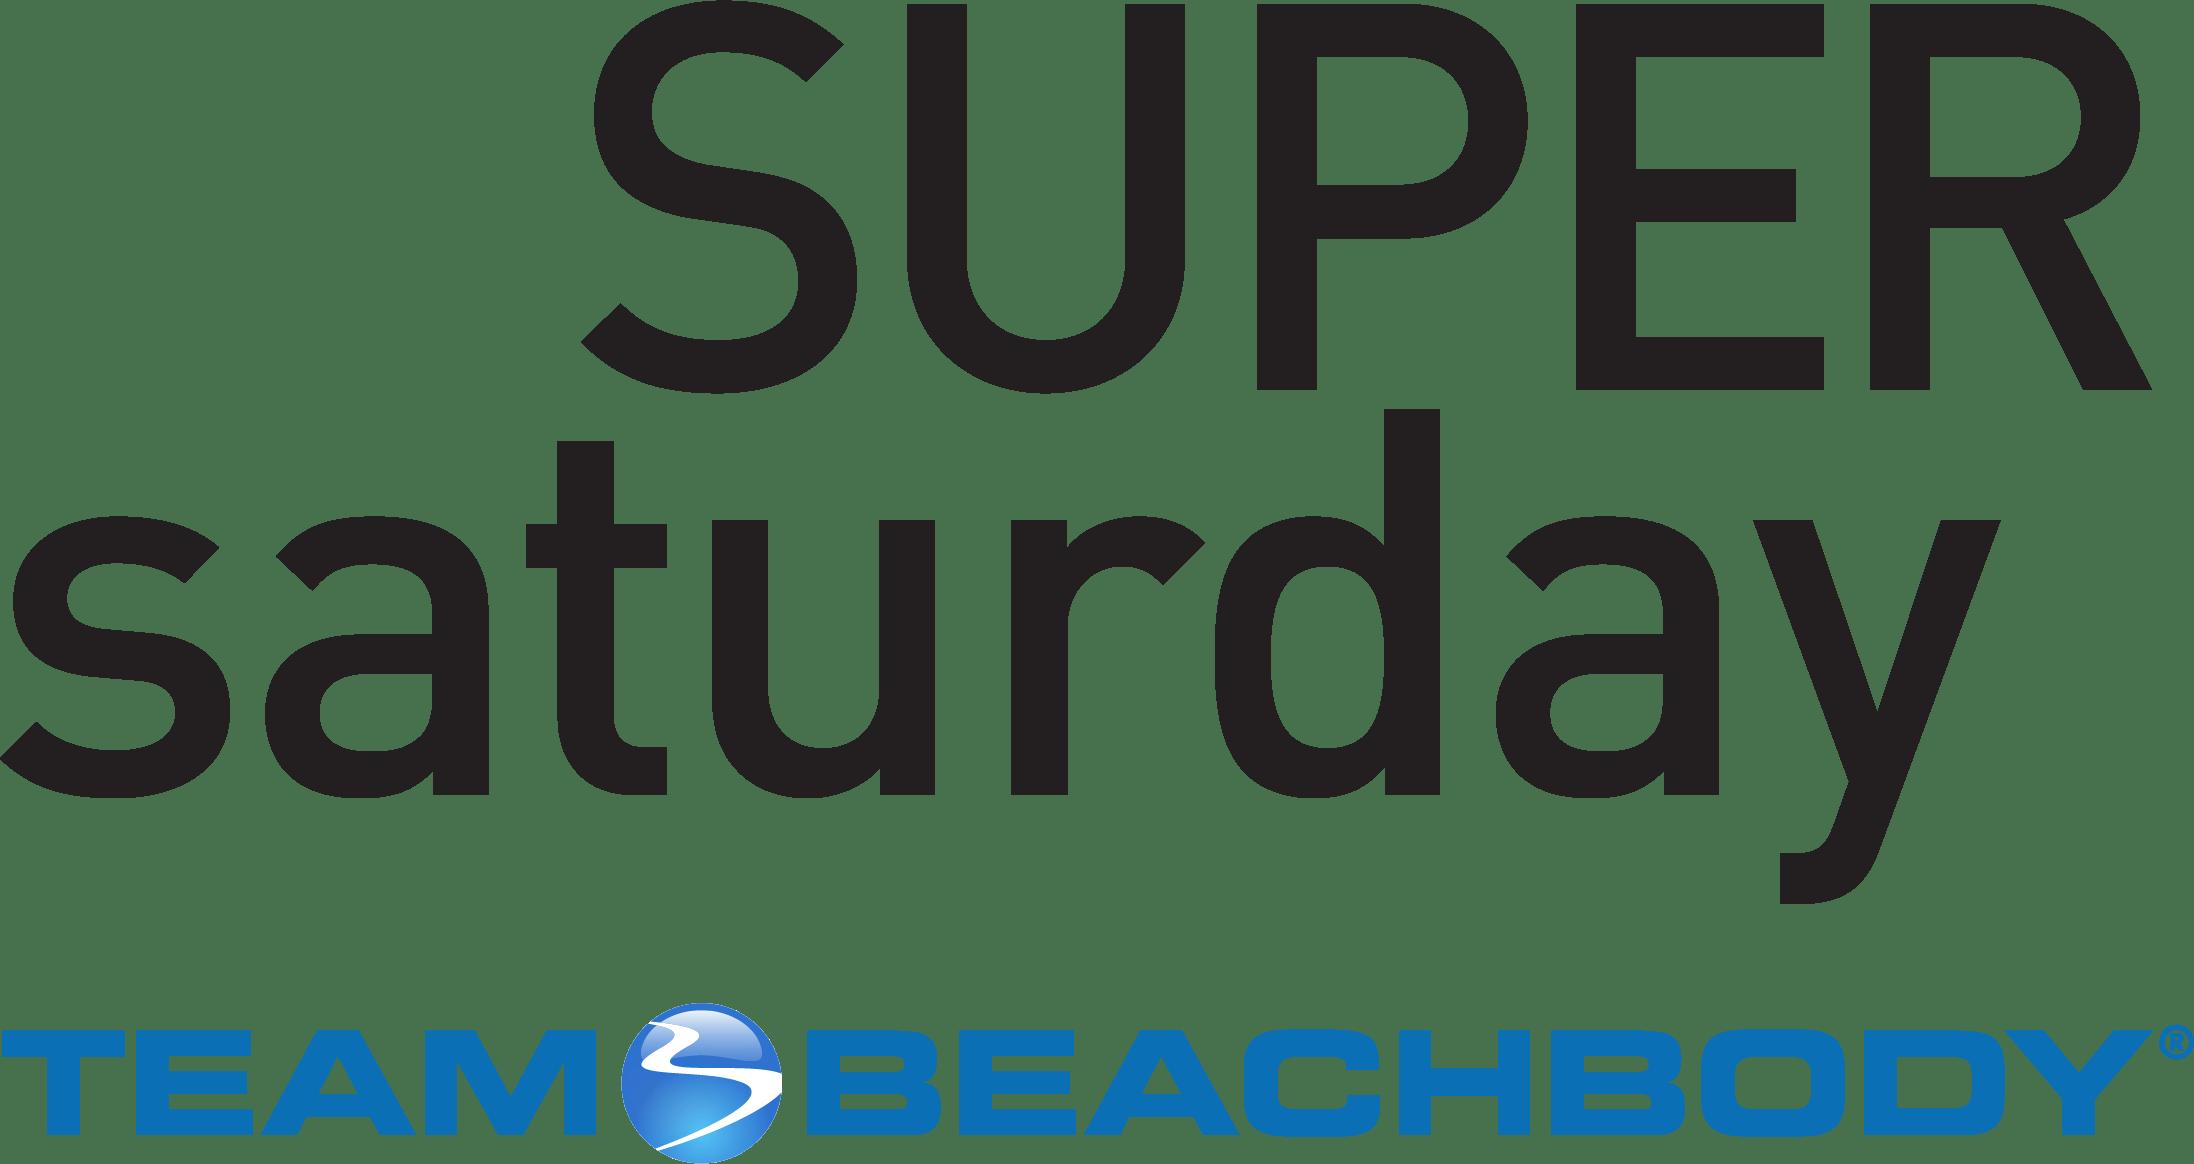 Oahu Super Saturday 7 Jul 2018